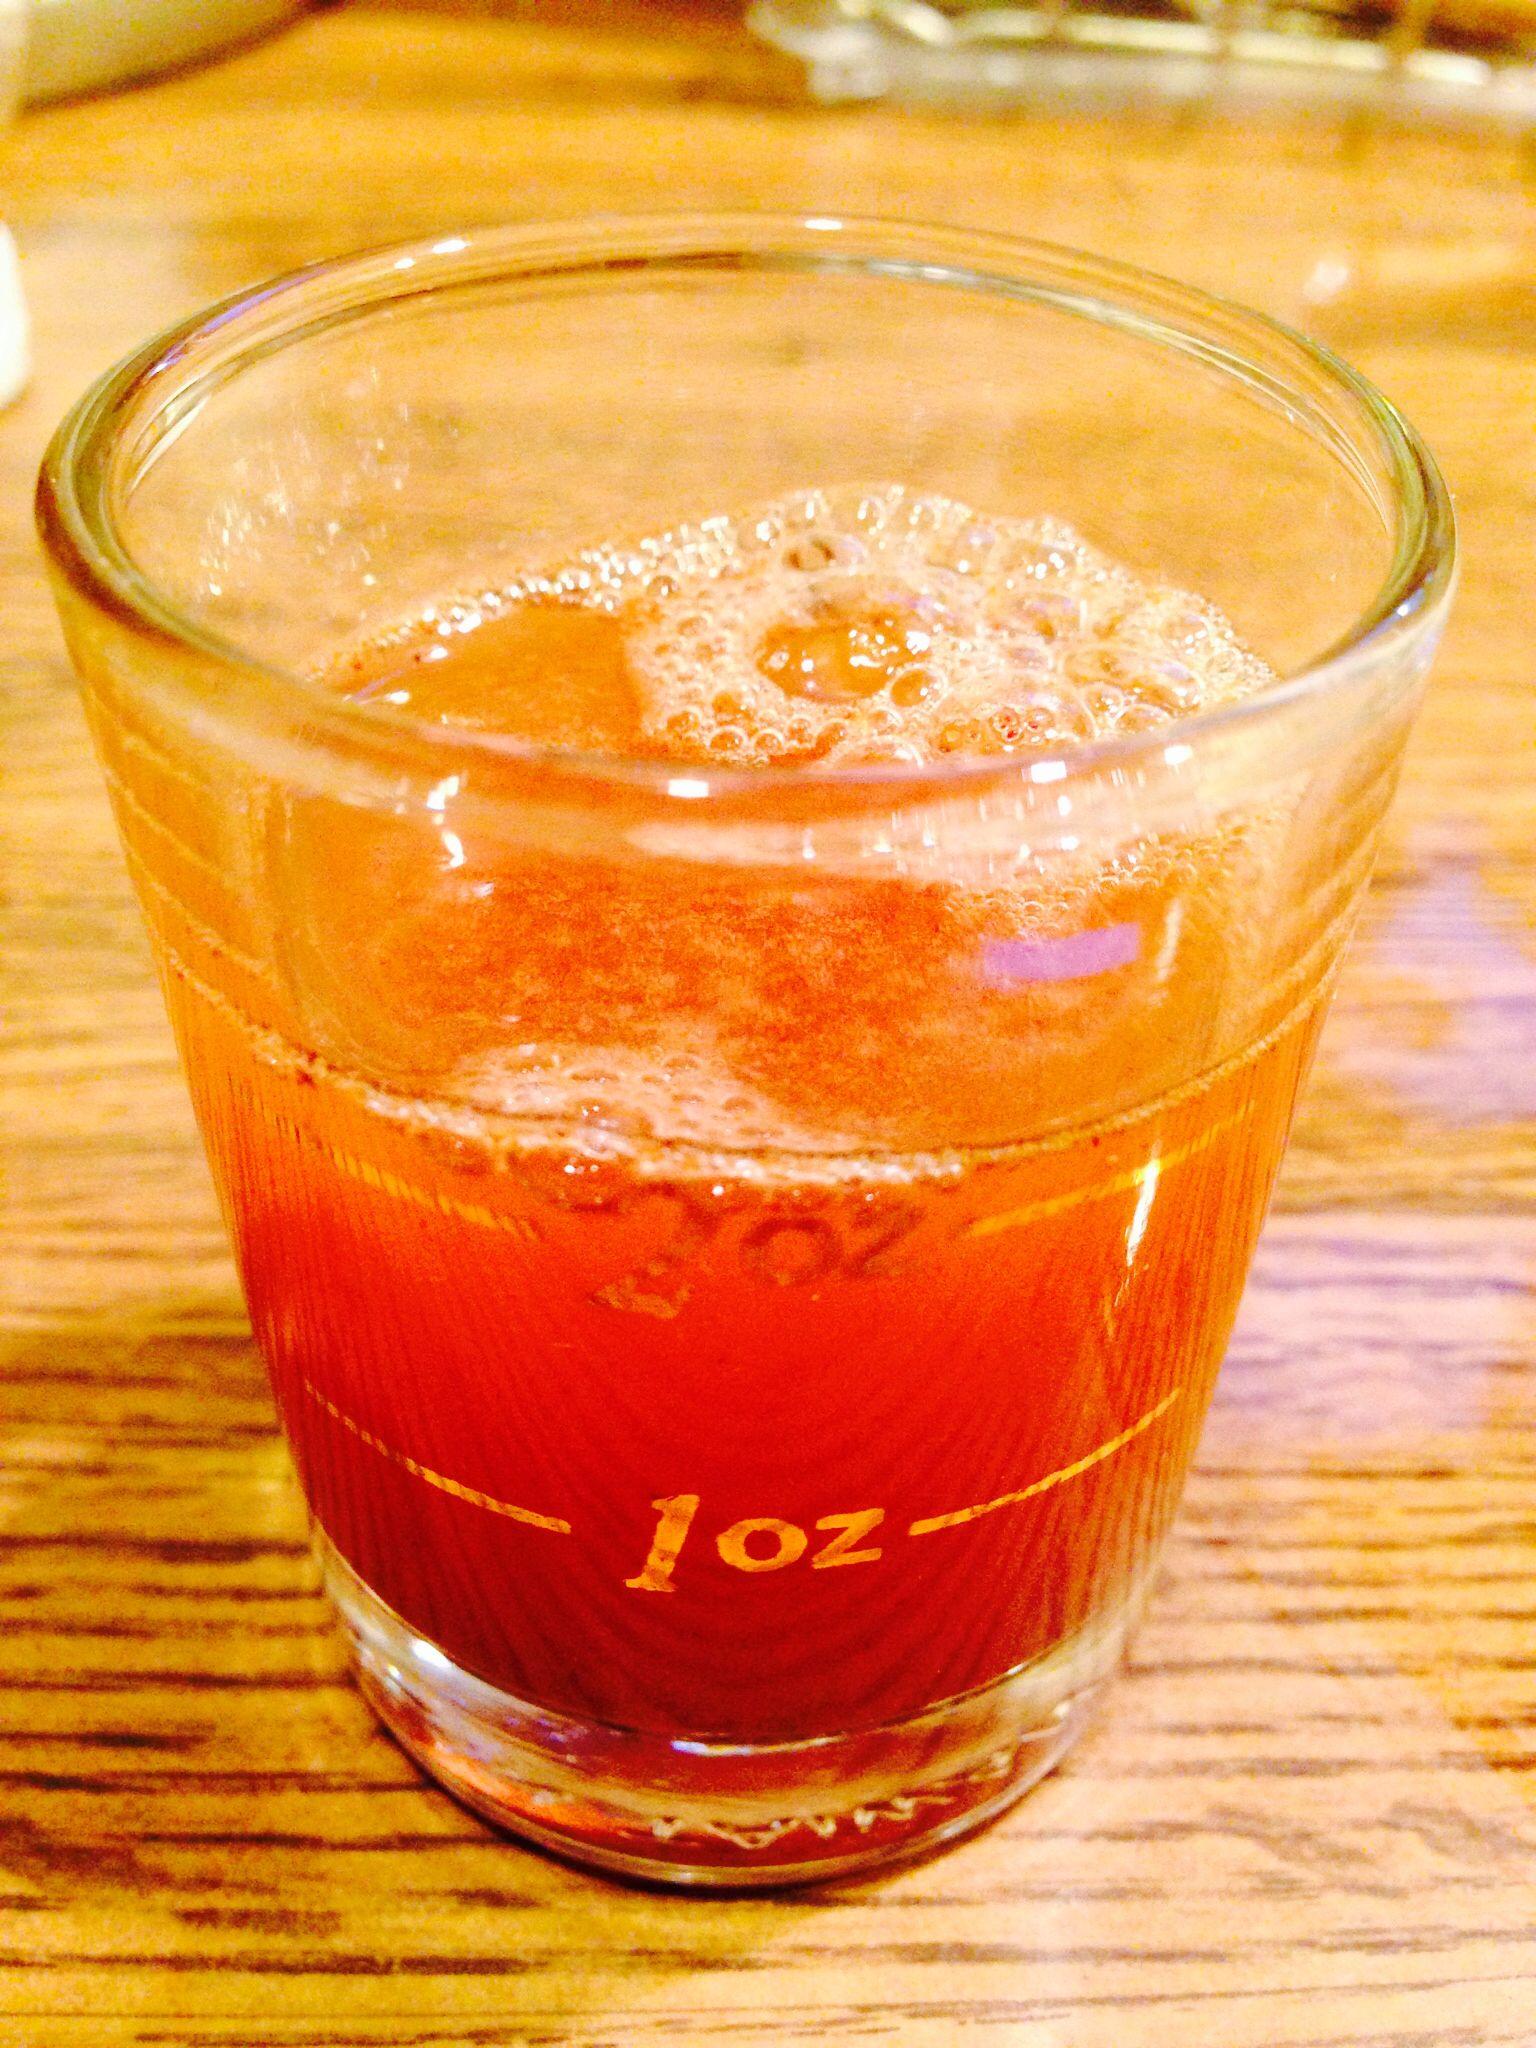 Daily Shot: 1 Tbsp Apple Cider Vinegar, 2 Tbsp Water (or pineapple juice?), 1  Tbsp Honey, few shakes Cinnamon to taste.